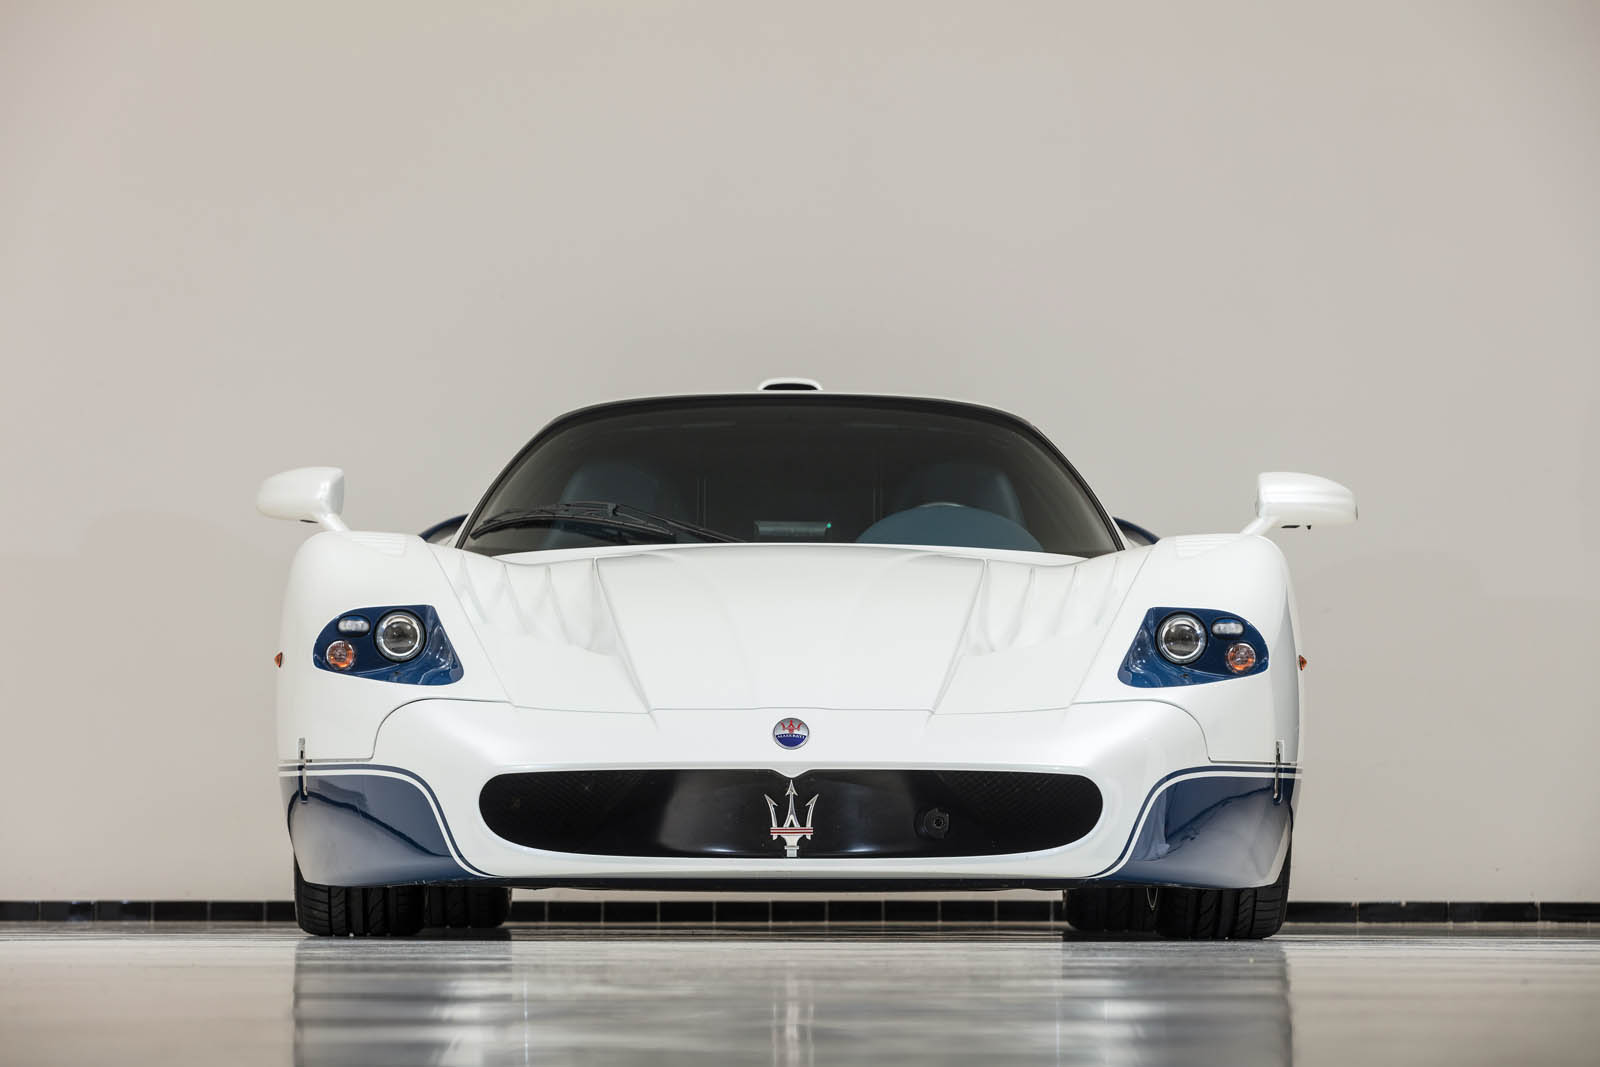 The Maserati MC12 Makes The Enzo Look Common By Comparison